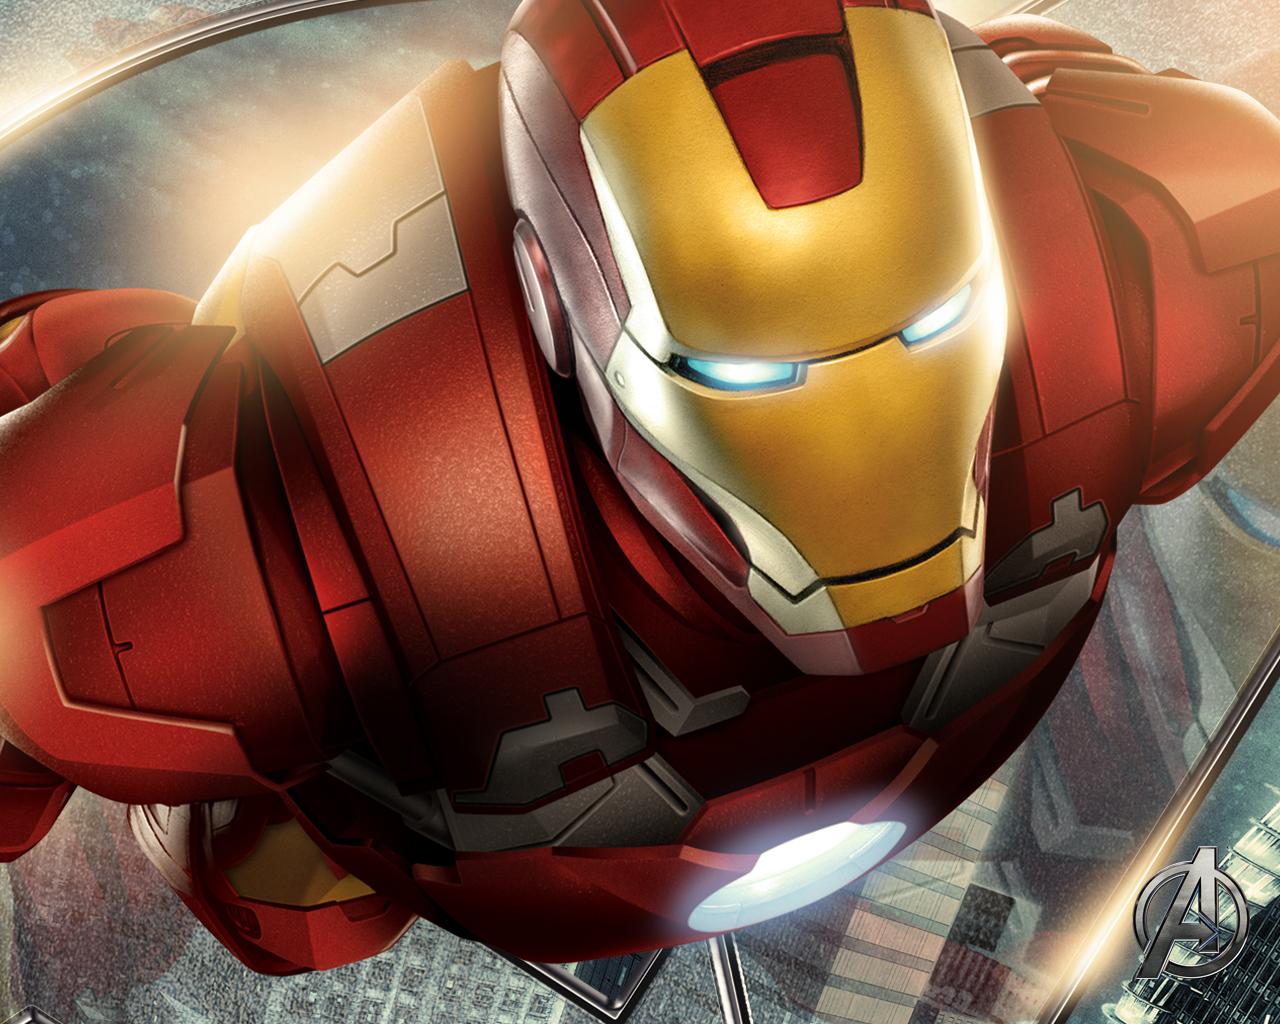 iron man Avengers wallpaper